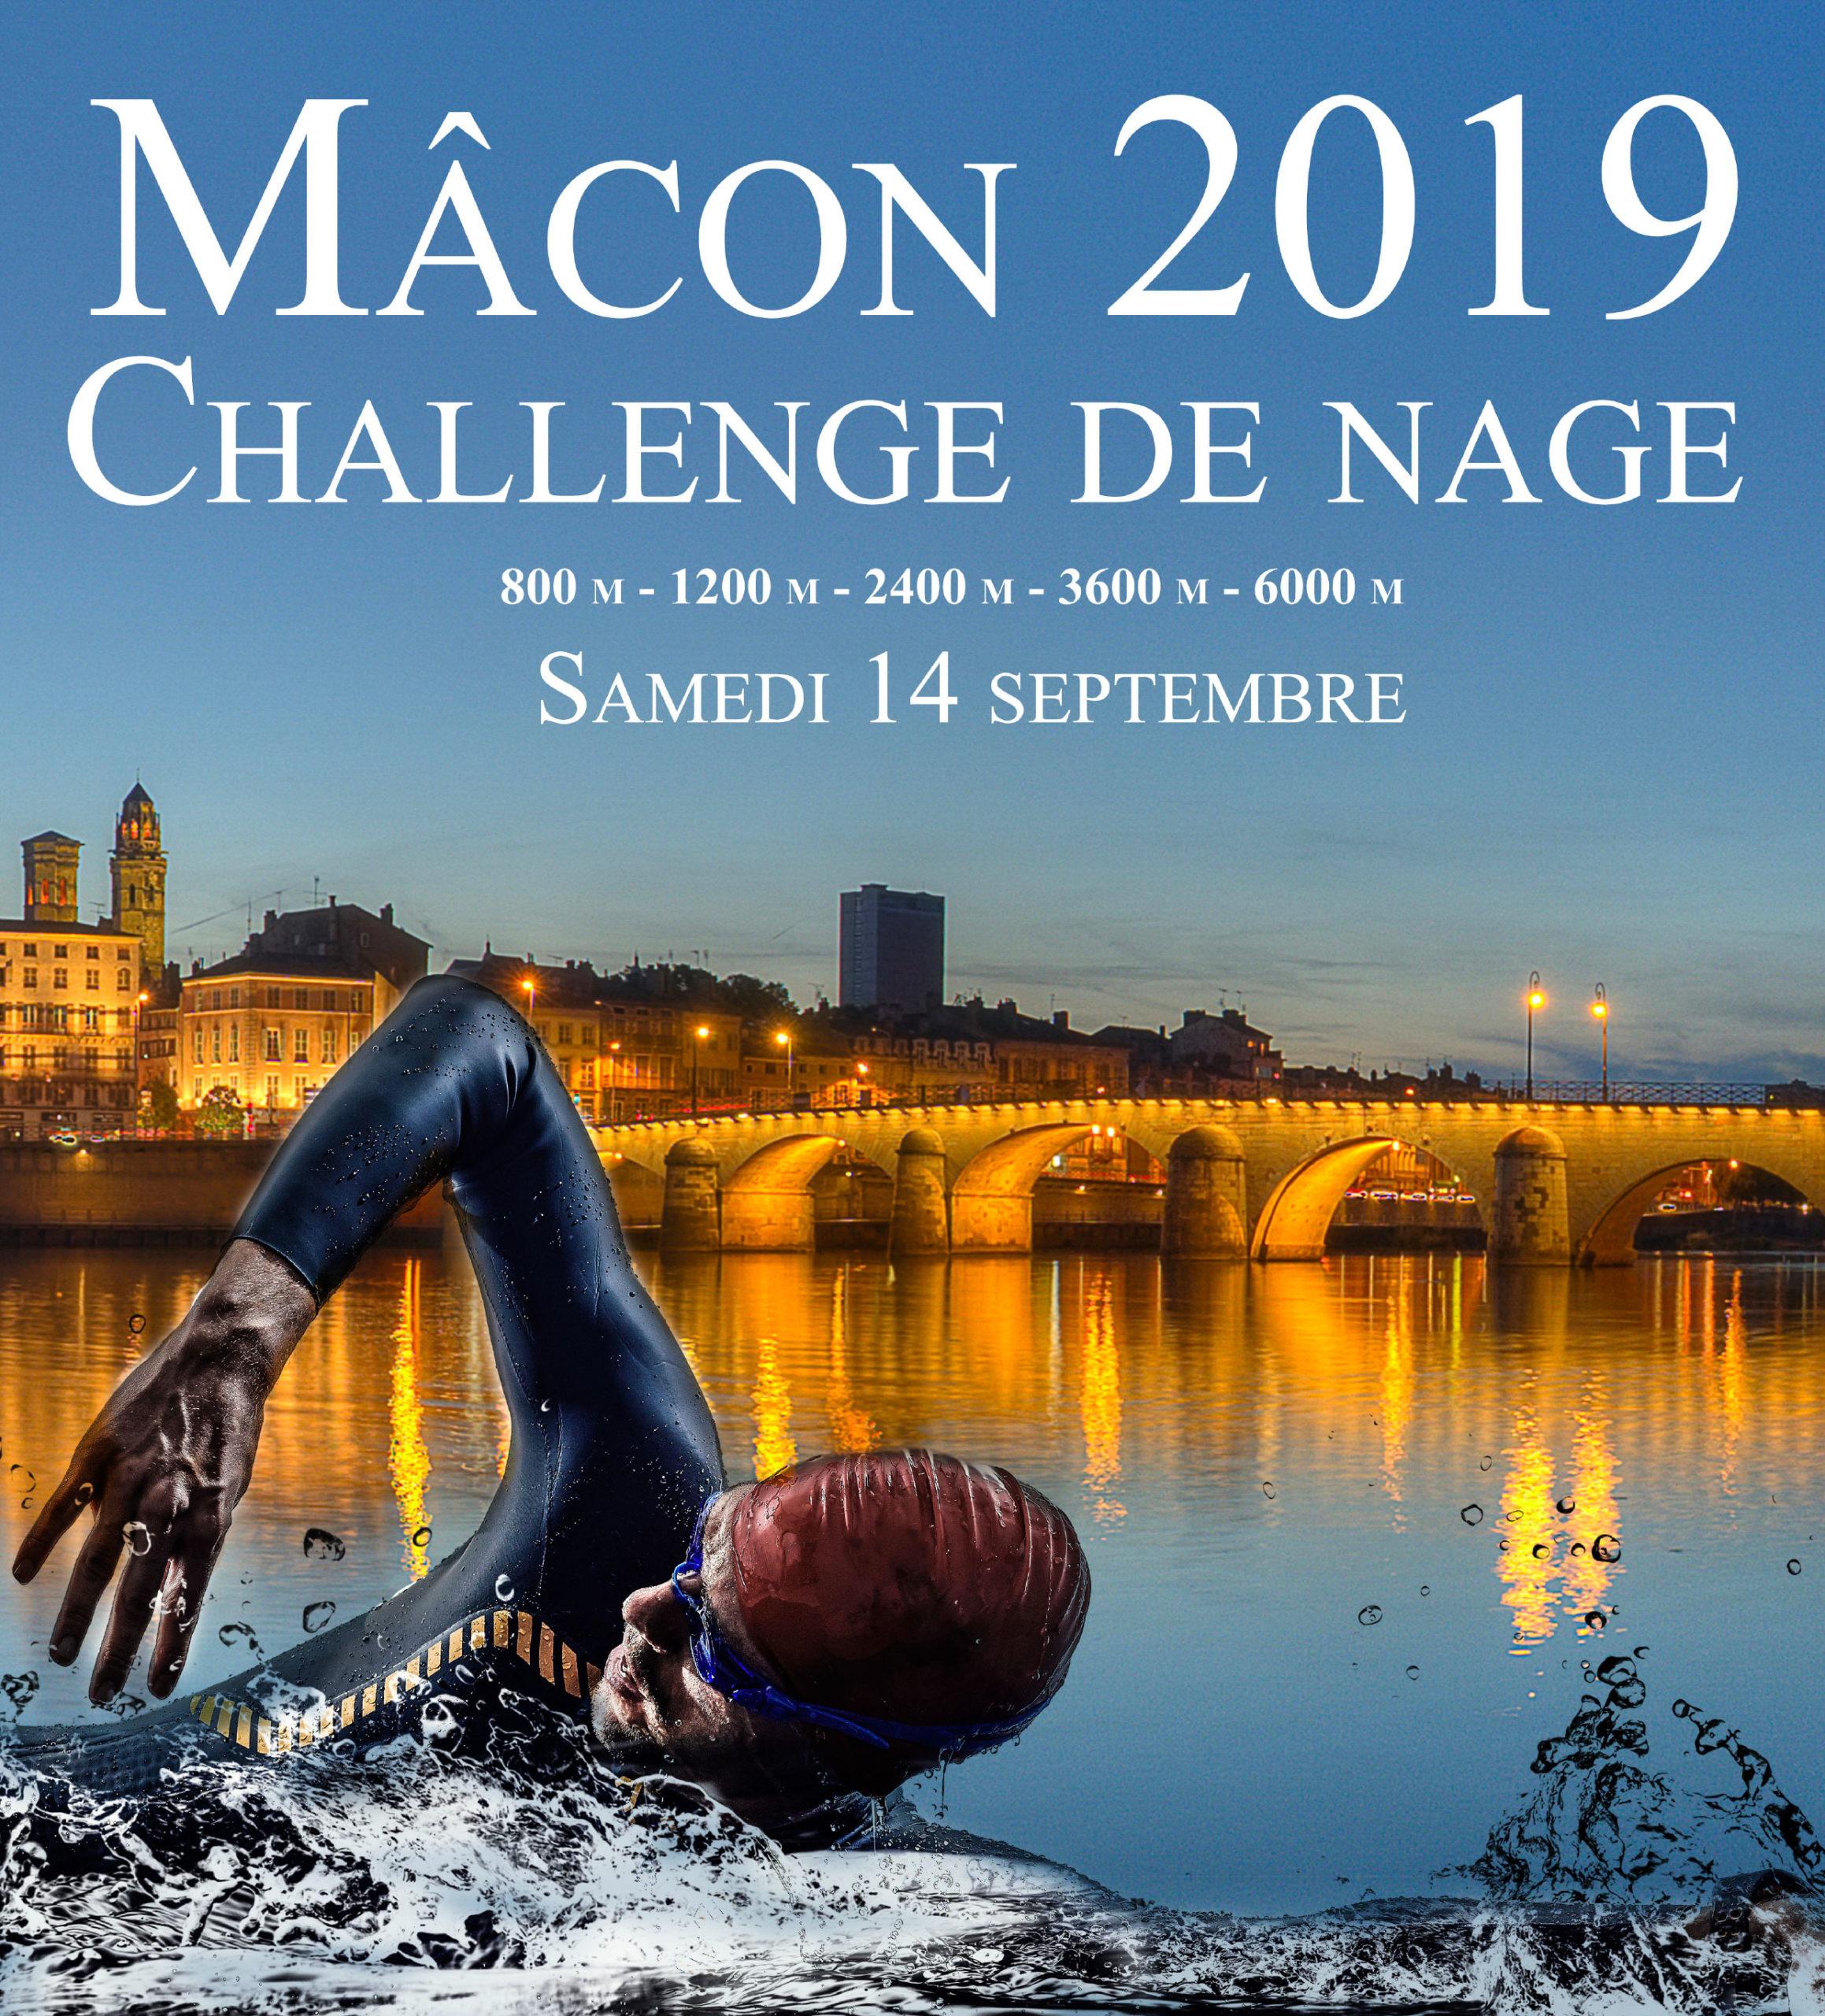 Challenge de nage, septembre 2019